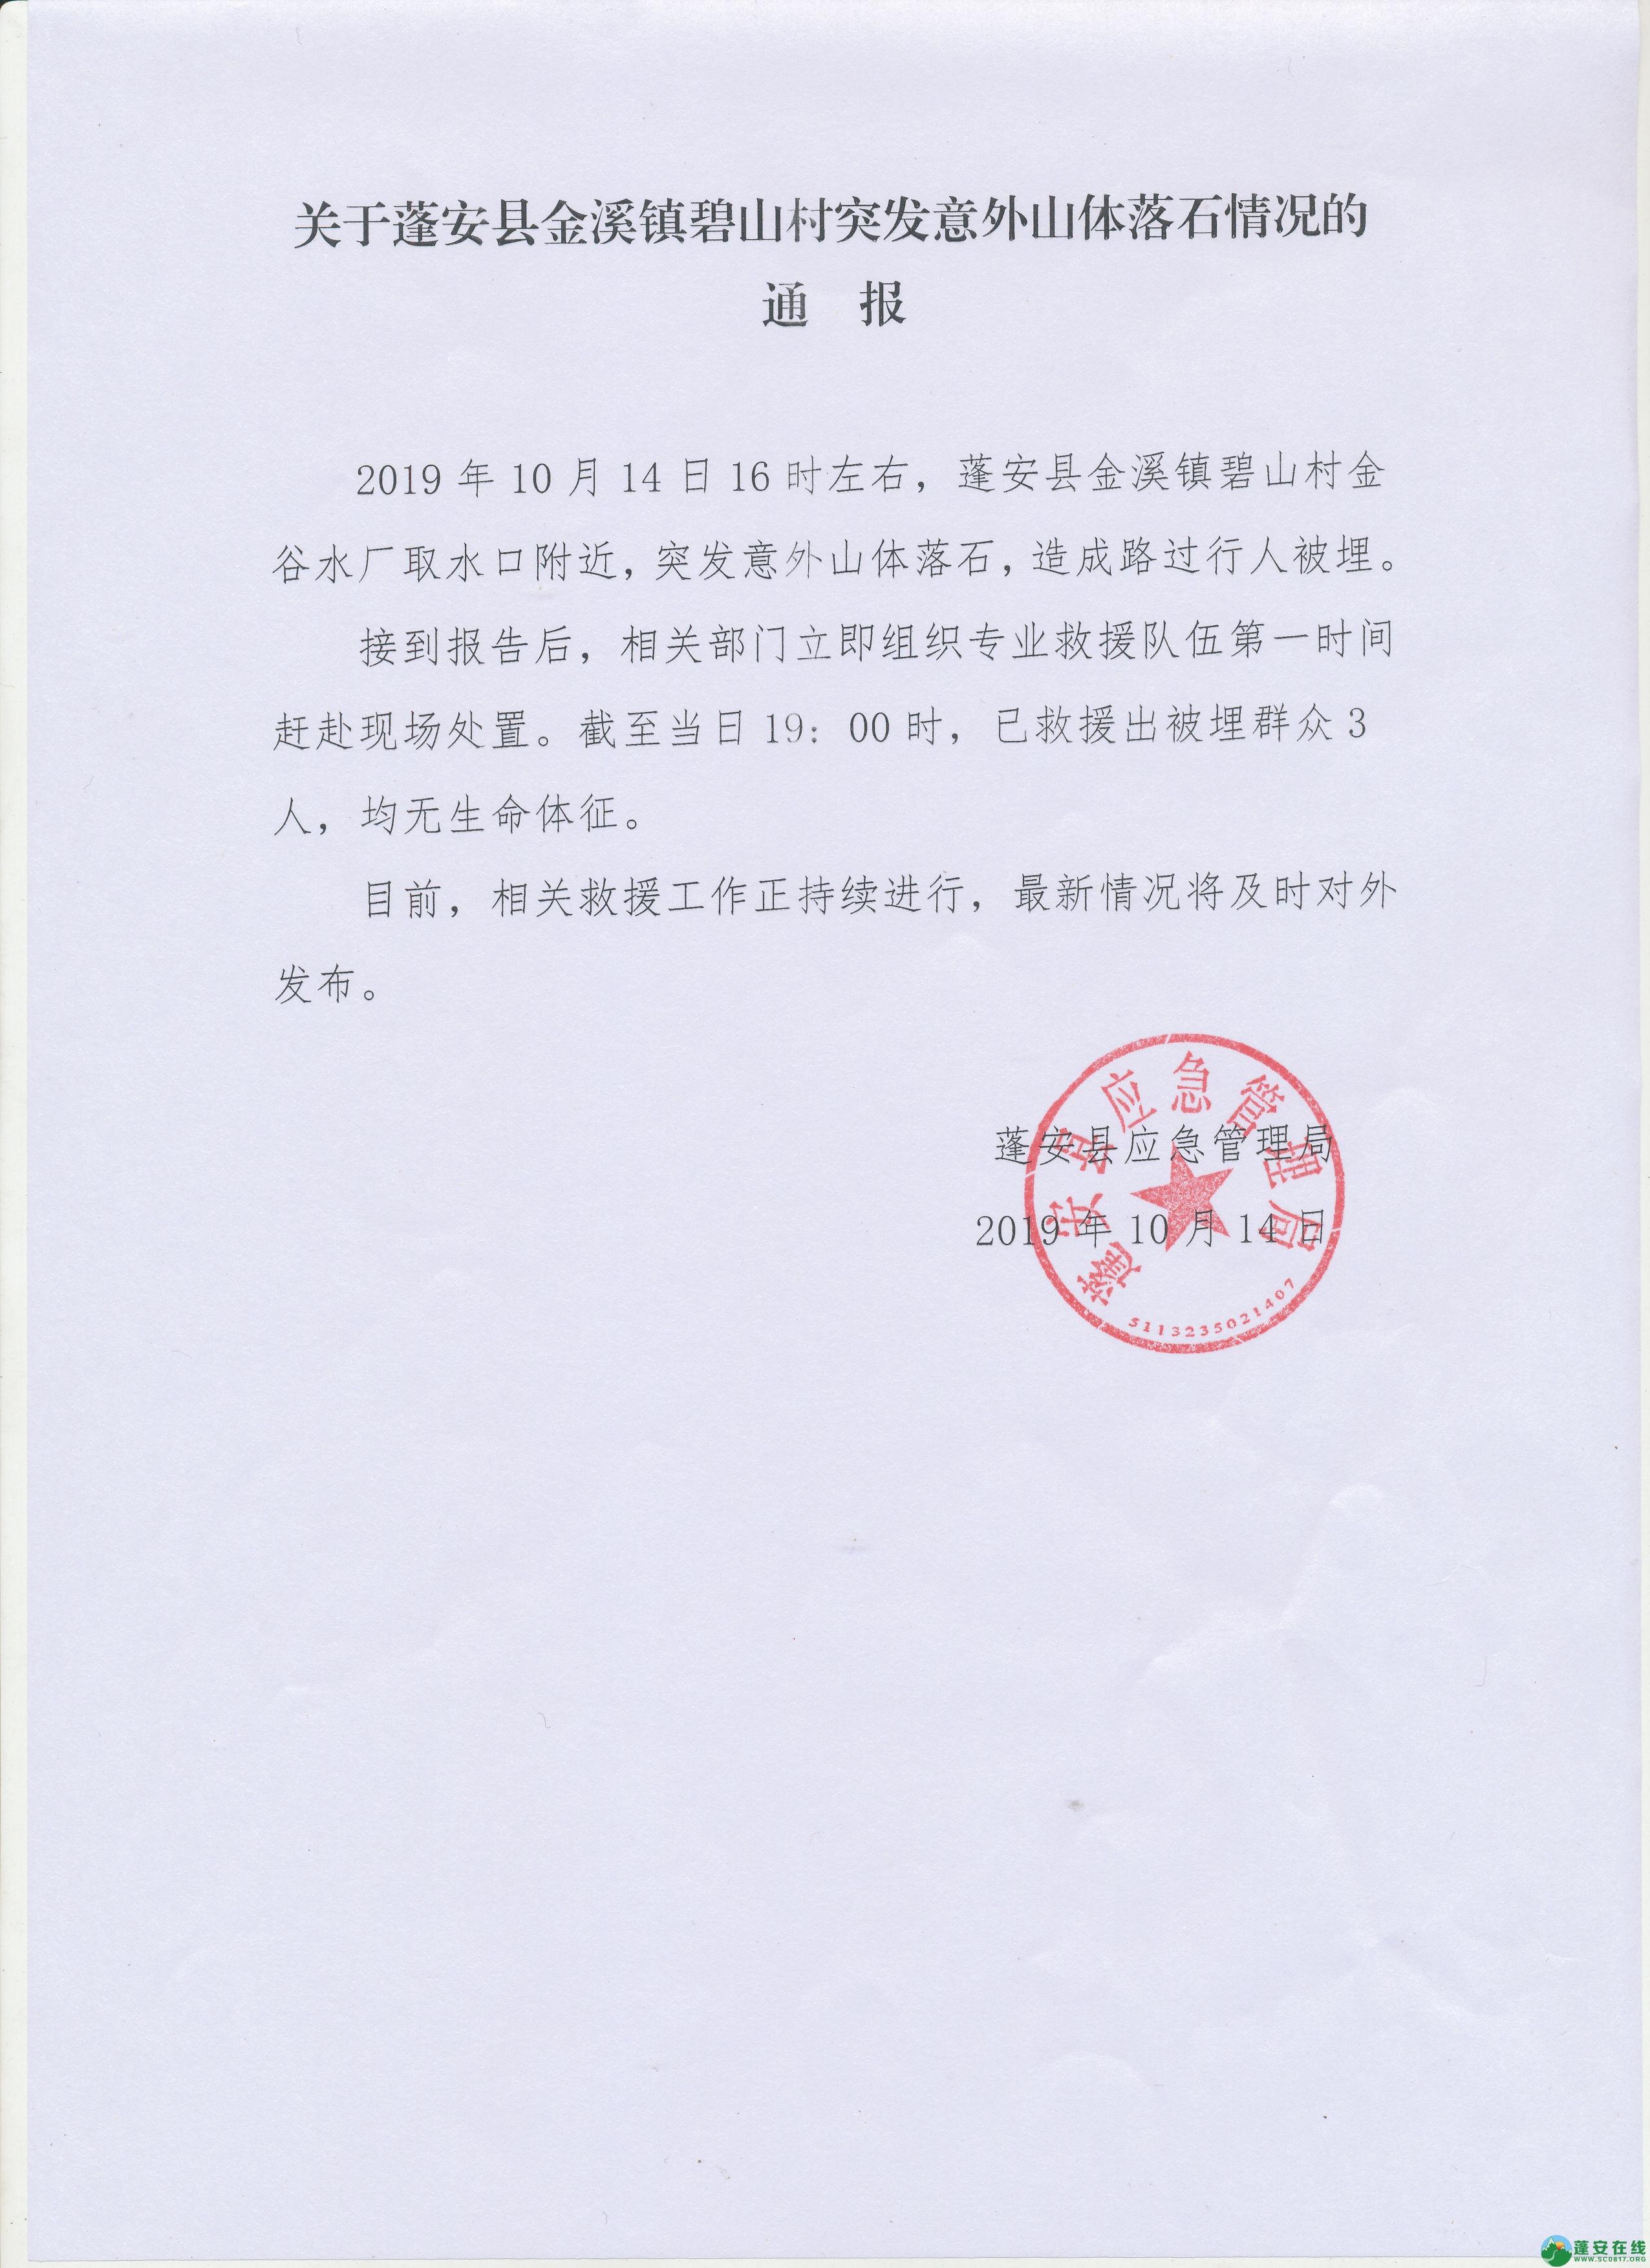 蓬安县突发意外山体滑坡落石致3人死亡情况通报 - 第1张  | 蓬安在线